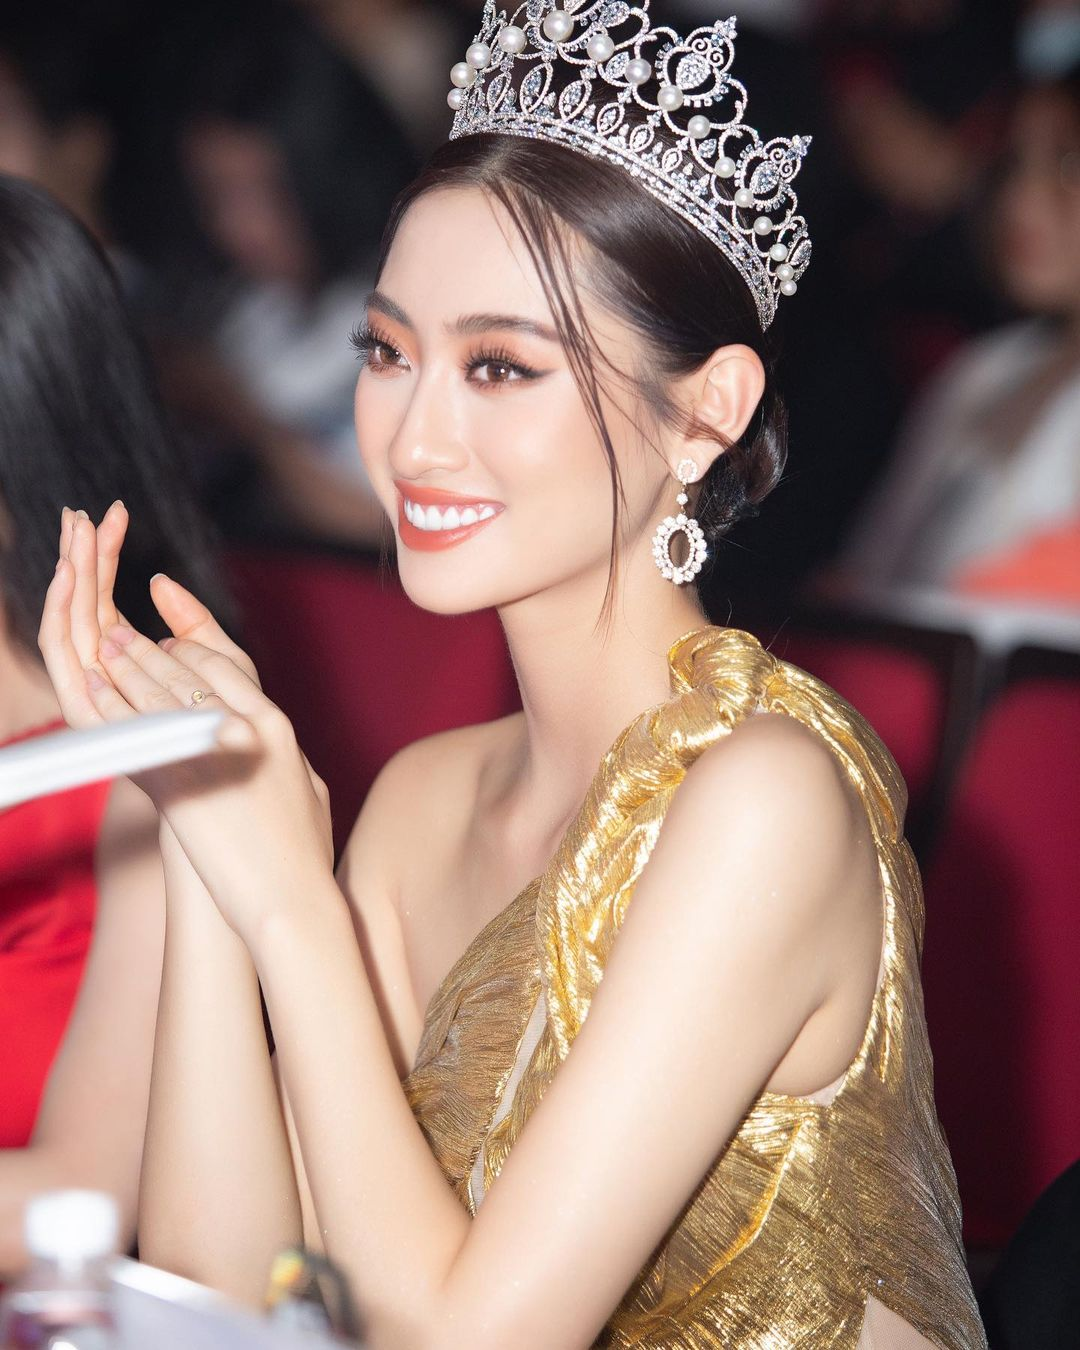 Hoa hậu Cao Bằng có số đo đẹp nhất lịch sử, đôi chân dài 1m22 không đối thủ - 4